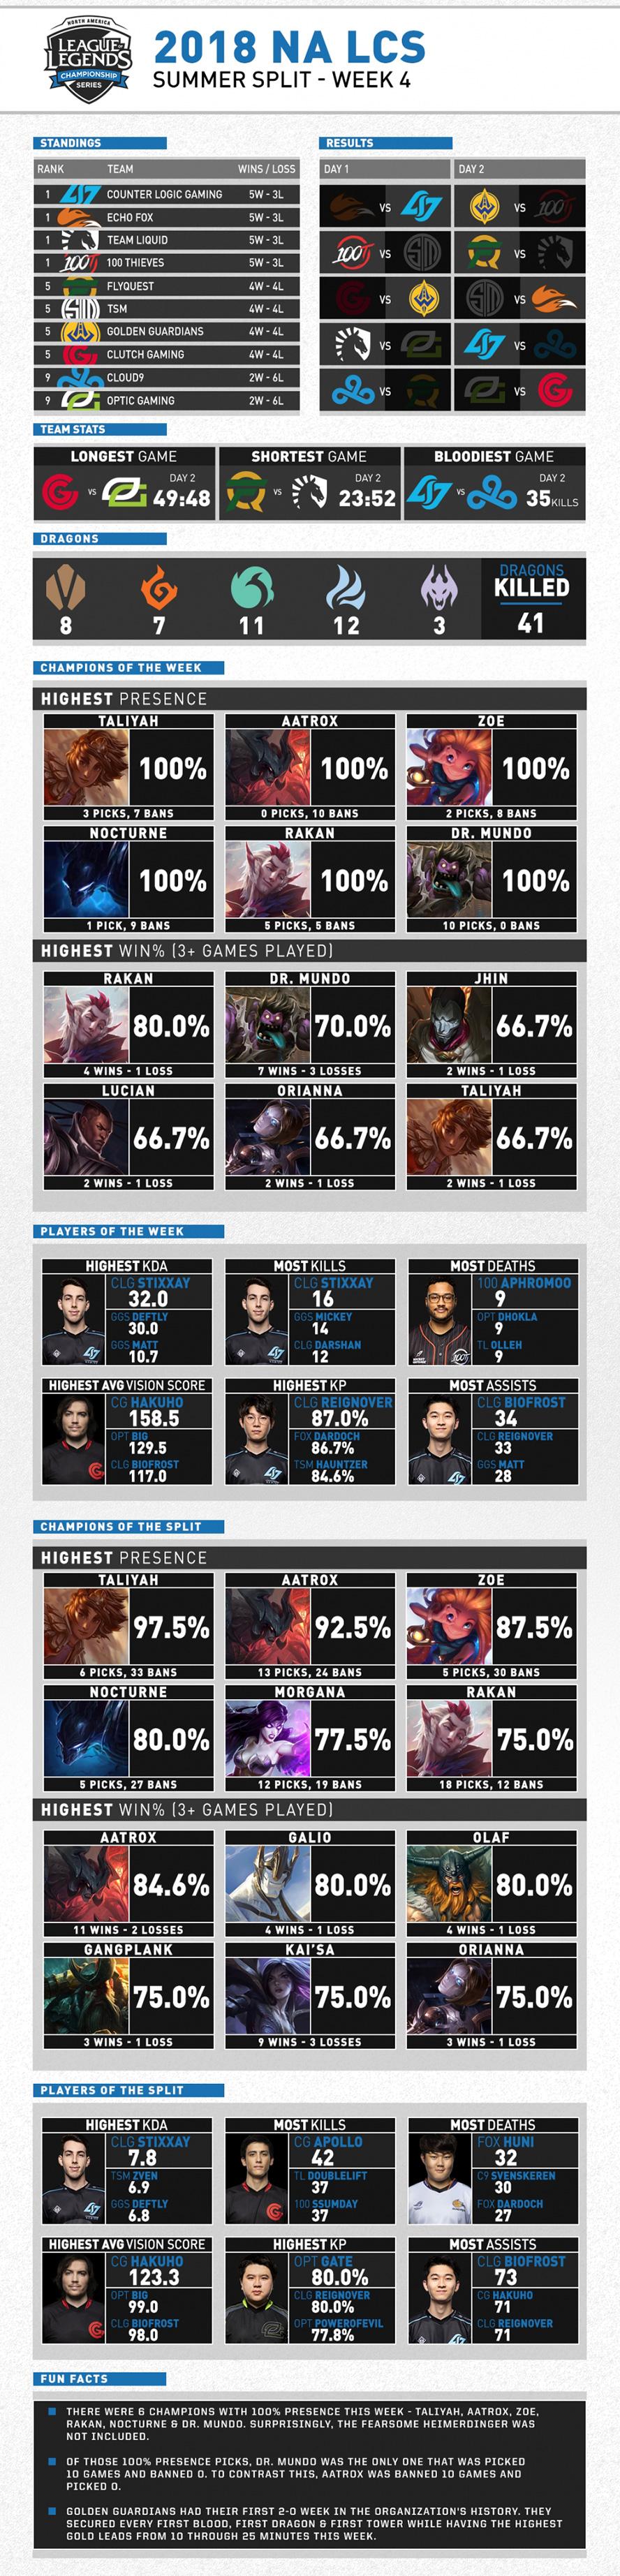 NA LCS Mùa Hè 2018 Tuần 4 Infographic